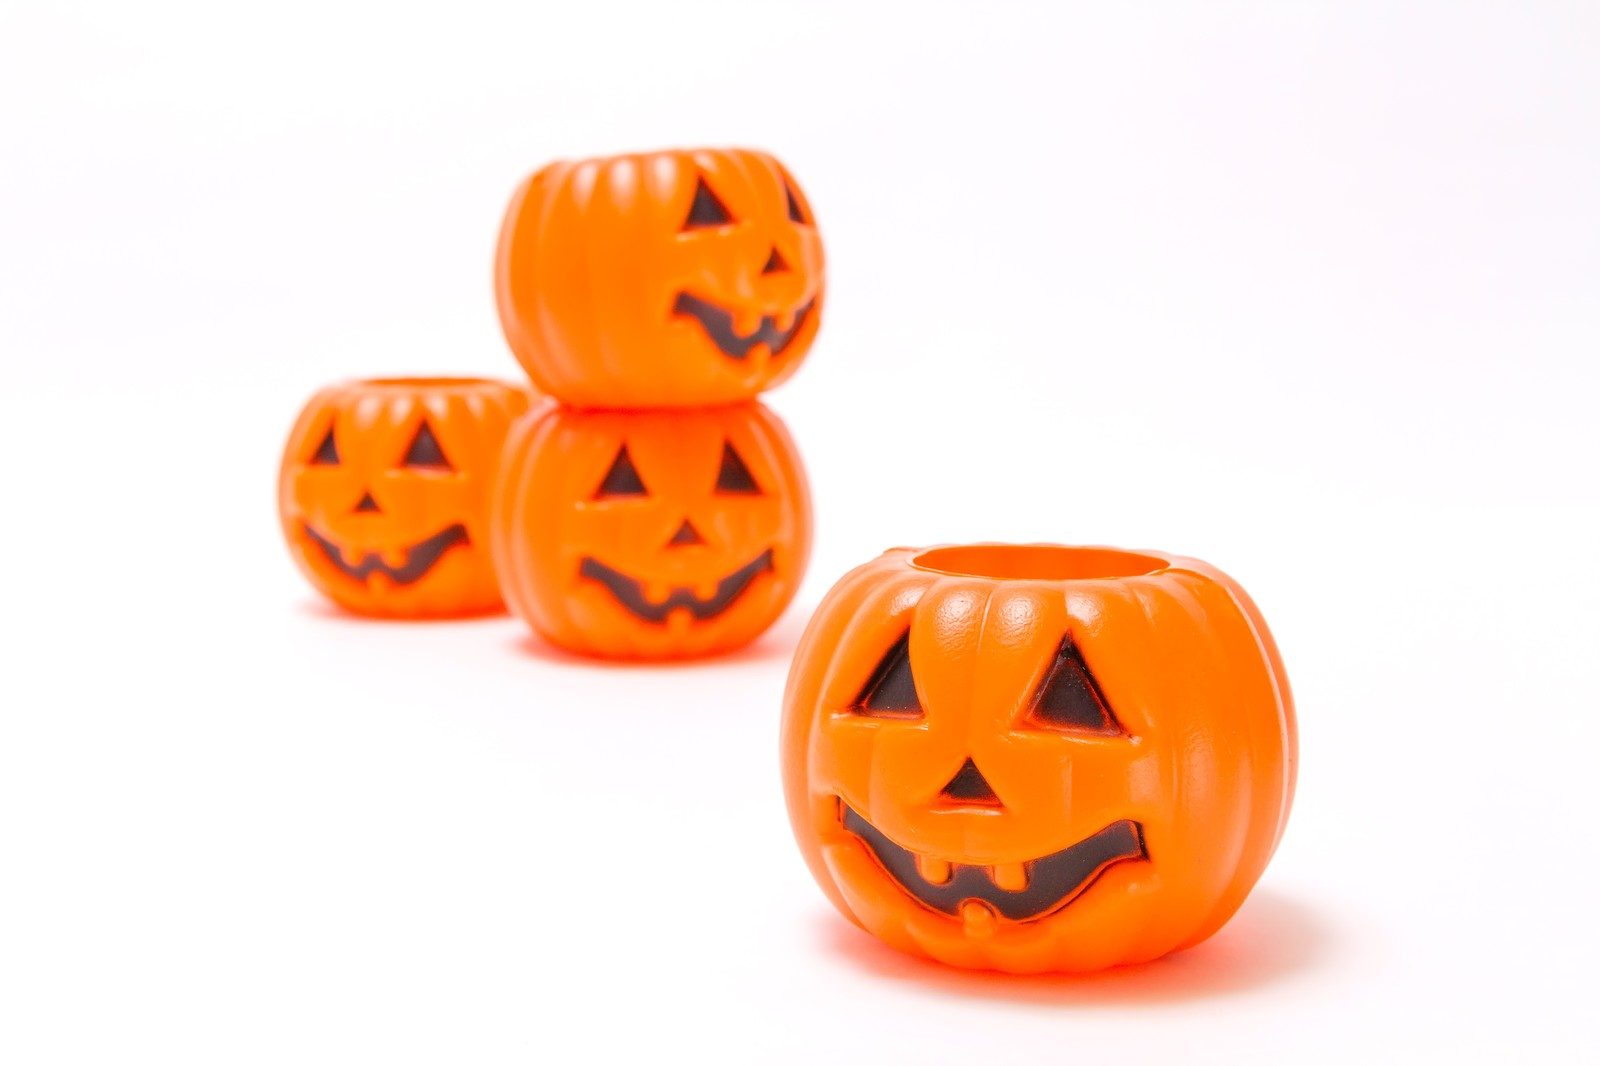 「ハロウィン用のかぼちゃ」の写真